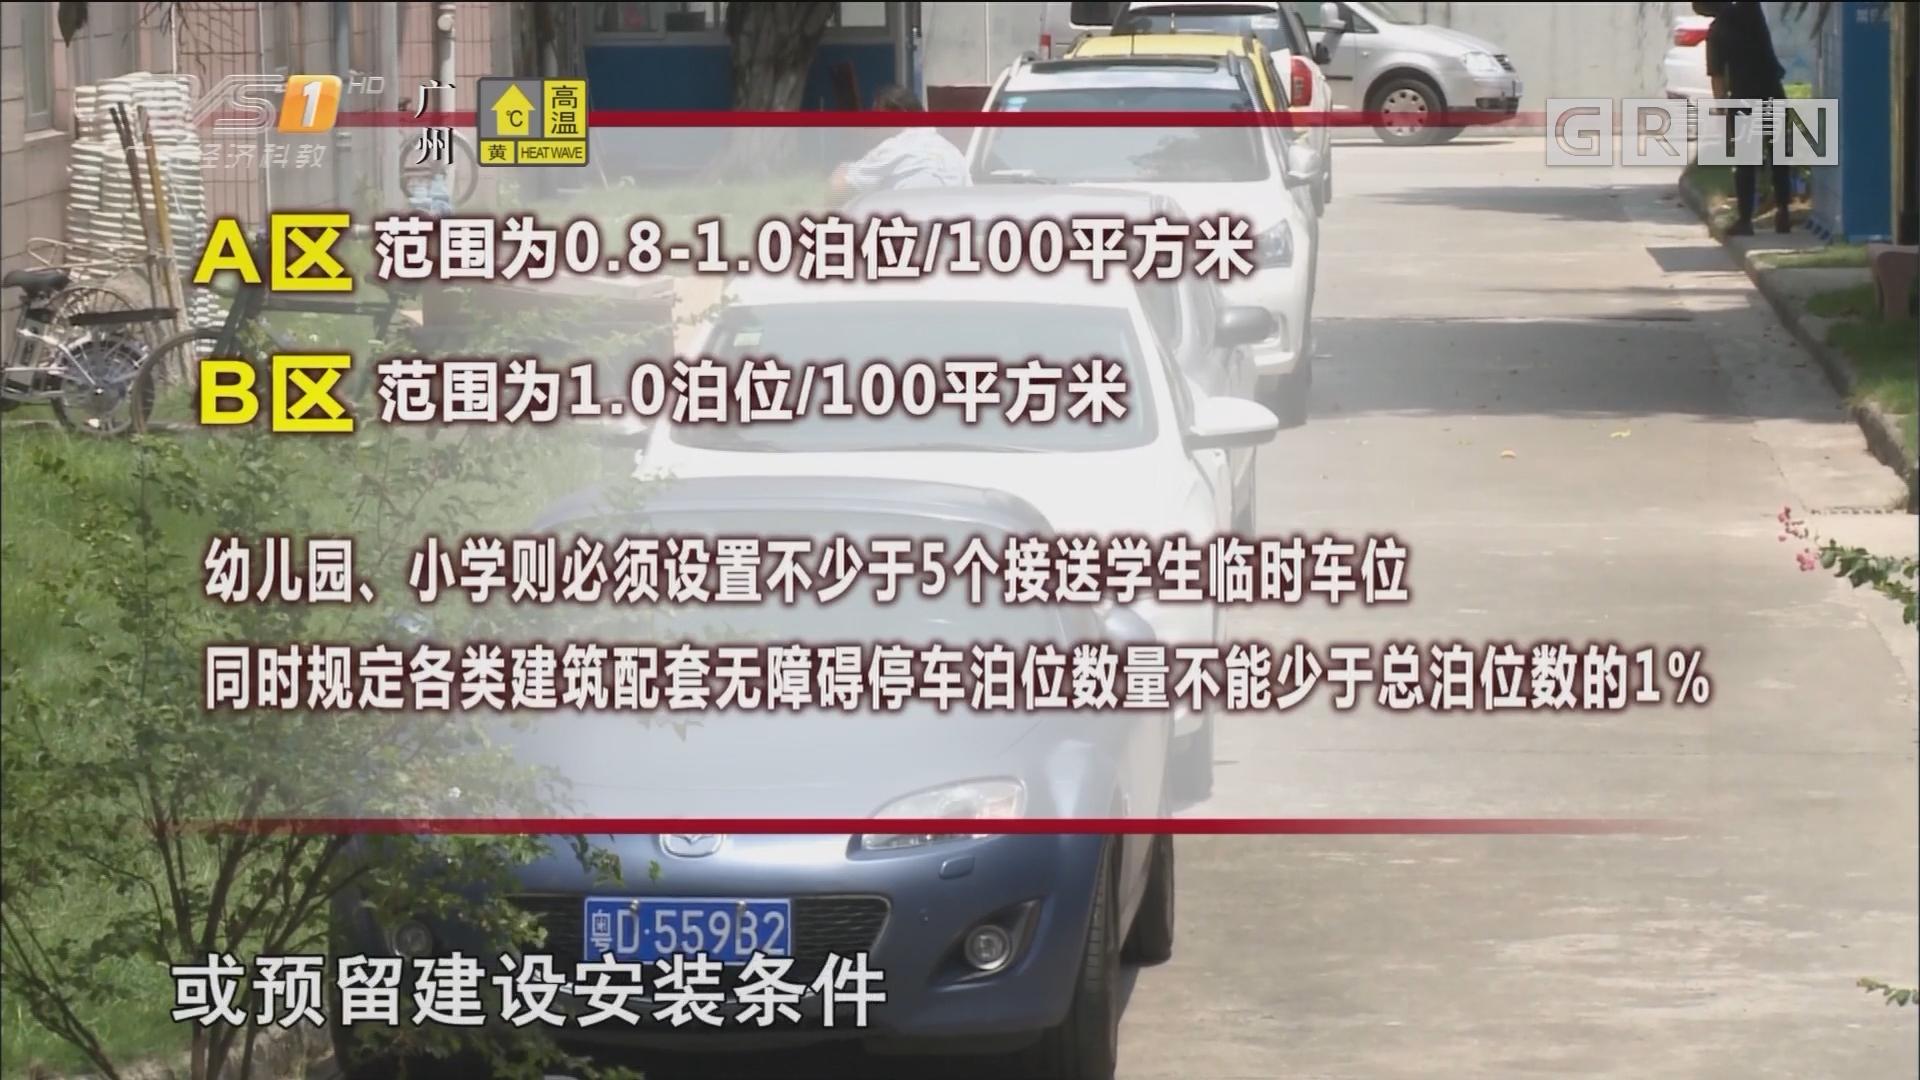 广州出台停车新规:每100平米必配停车位